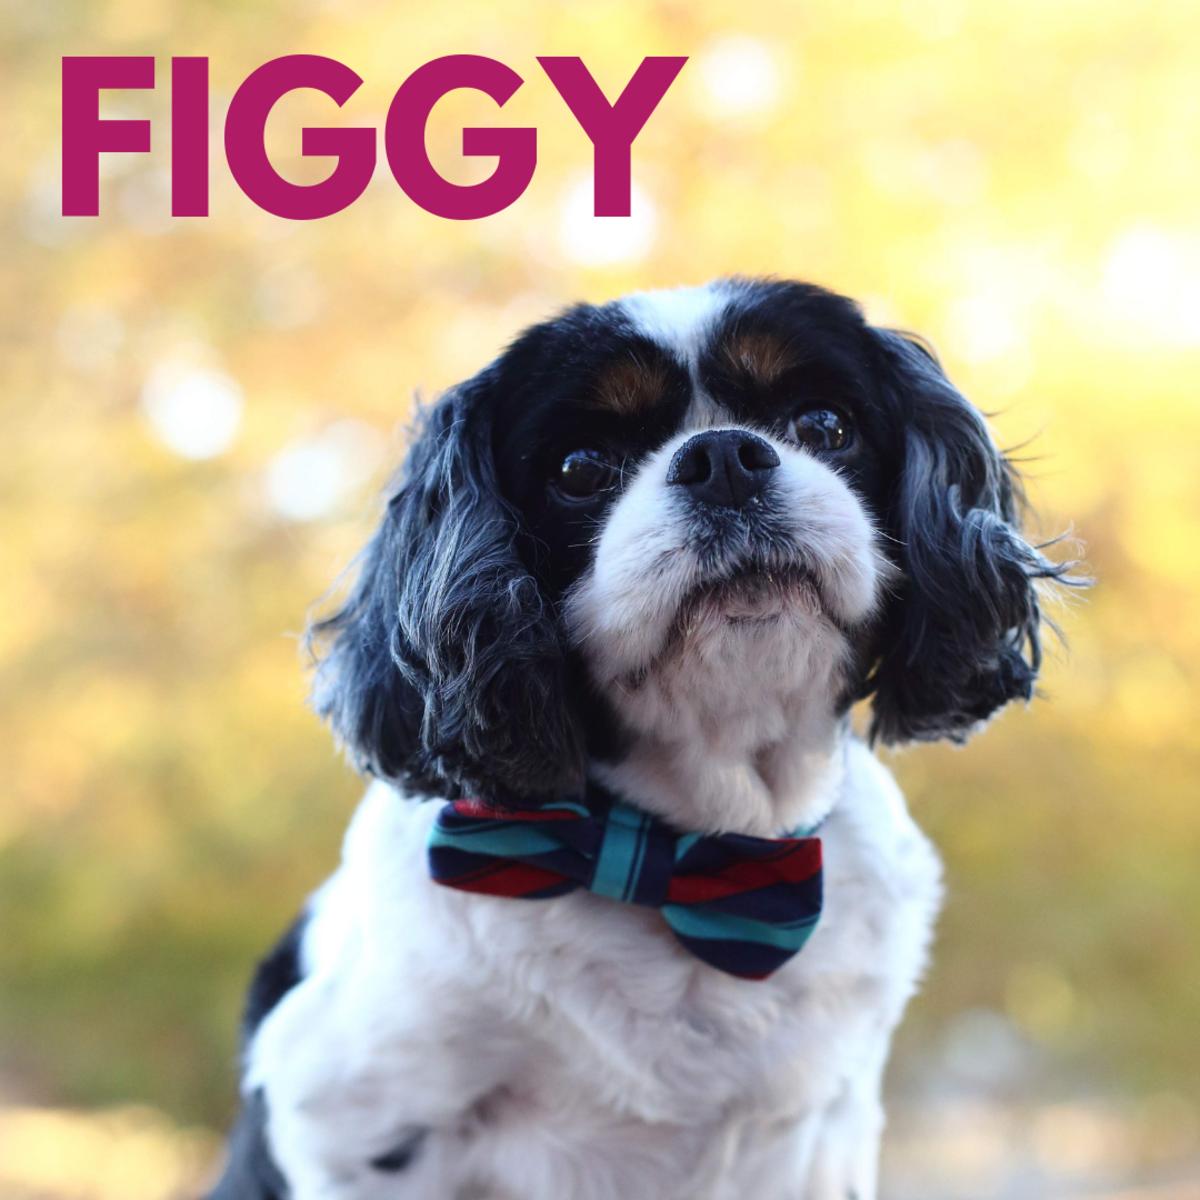 Is he a Figgy?